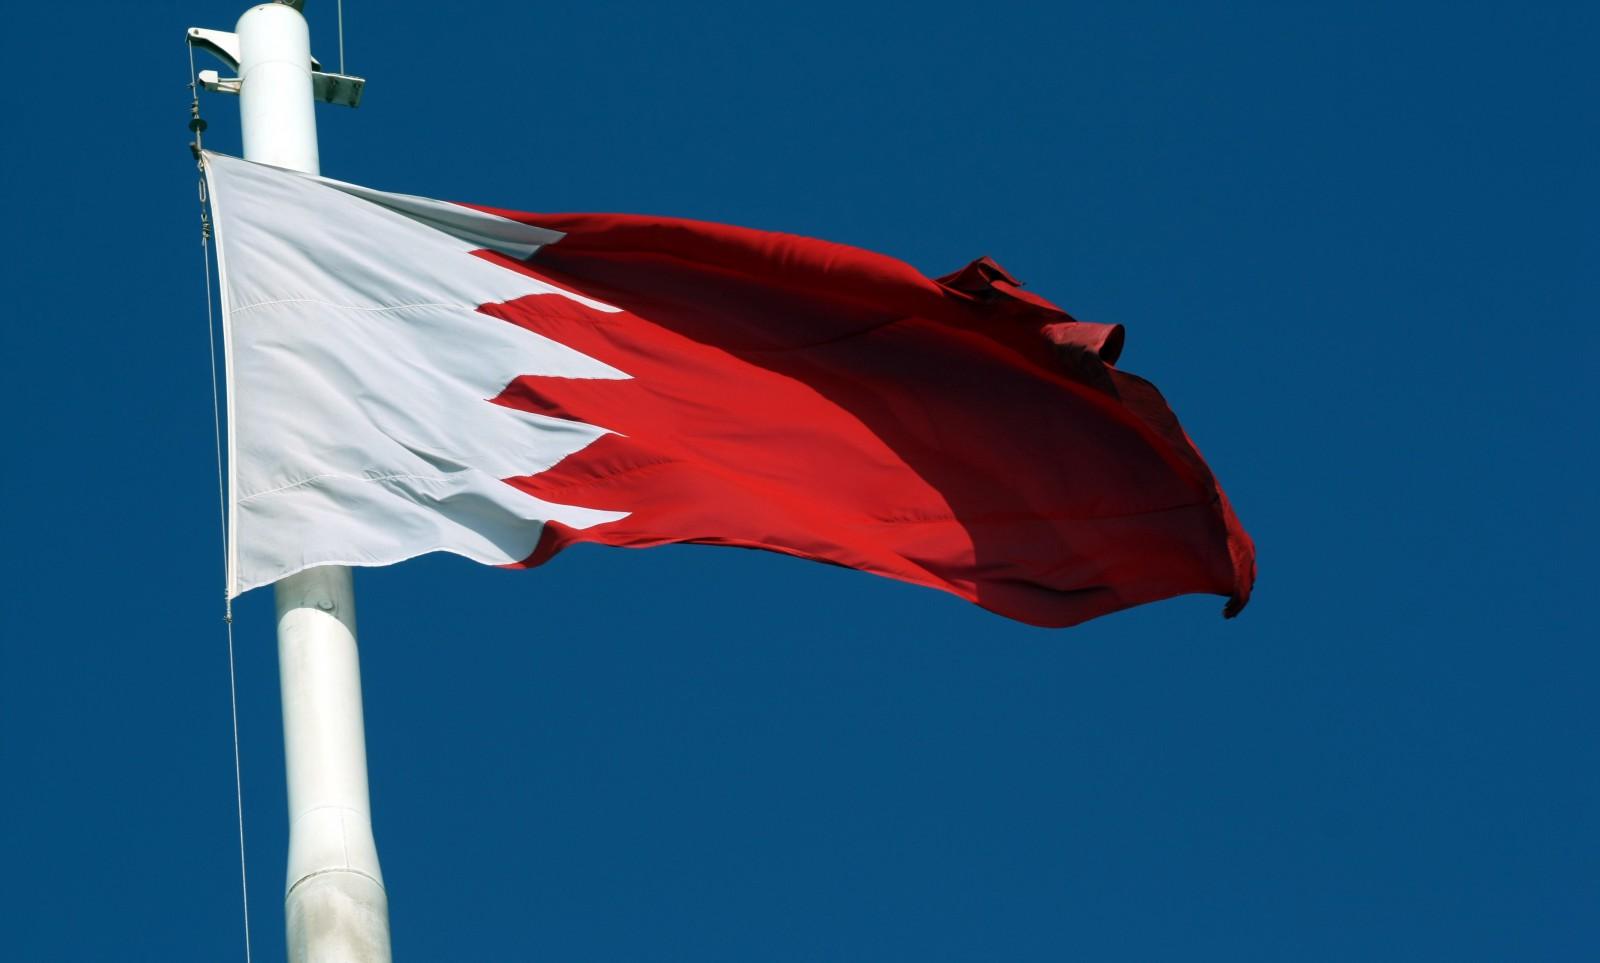 Bahrain: 115 persoane condamnate la pedepse cu închisoare şi revocarea cetăţeniei, pentru acuzaţii de terorism cu implicarea